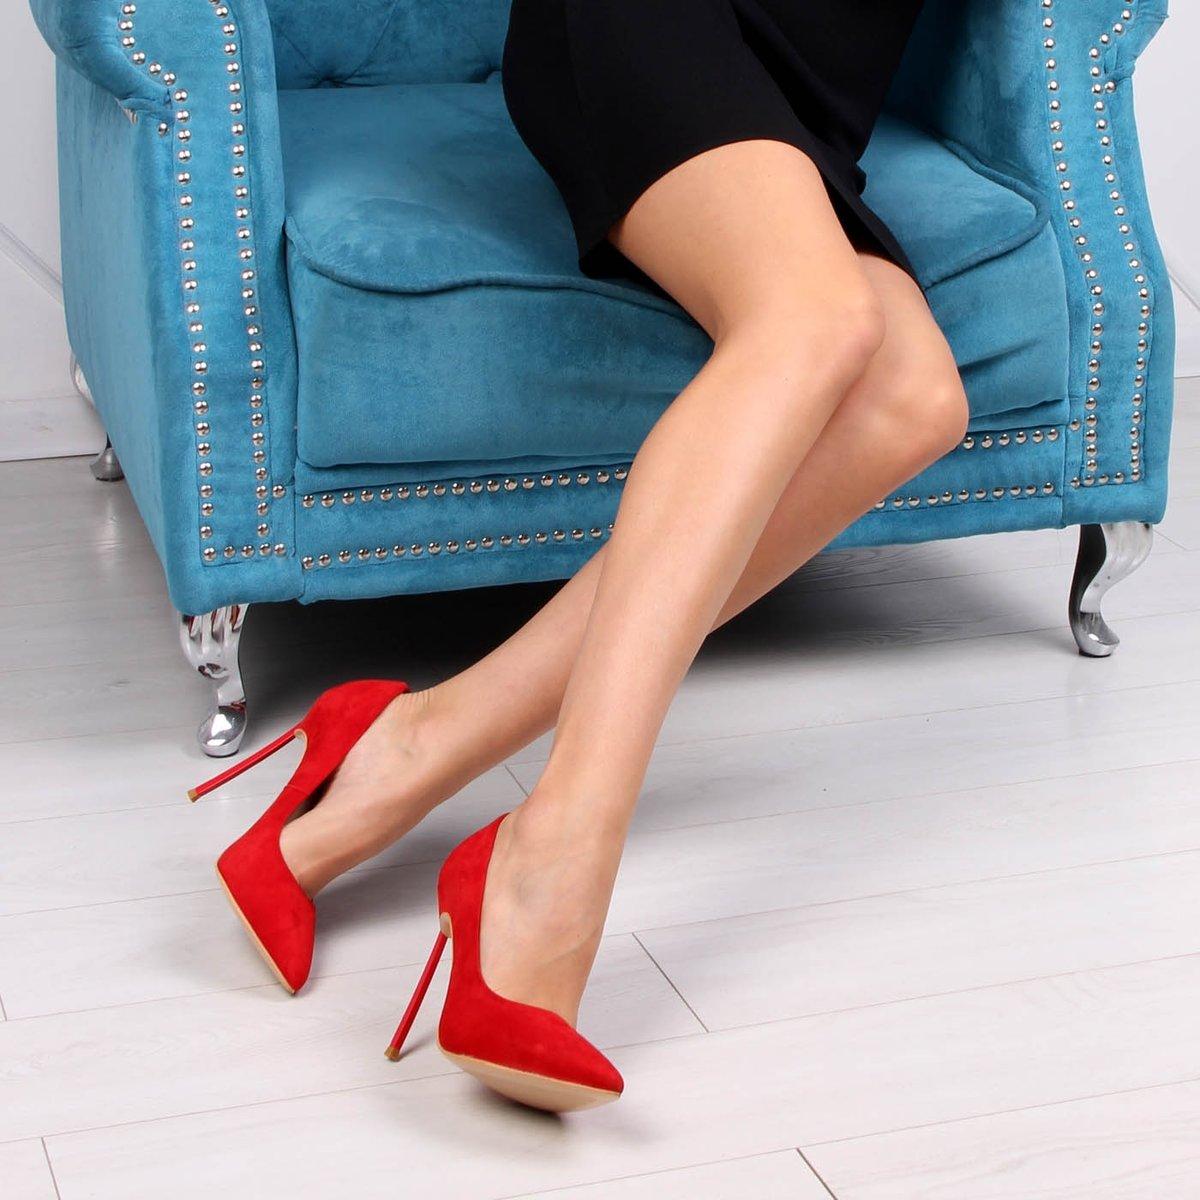 Картинка с ногами в туфлях